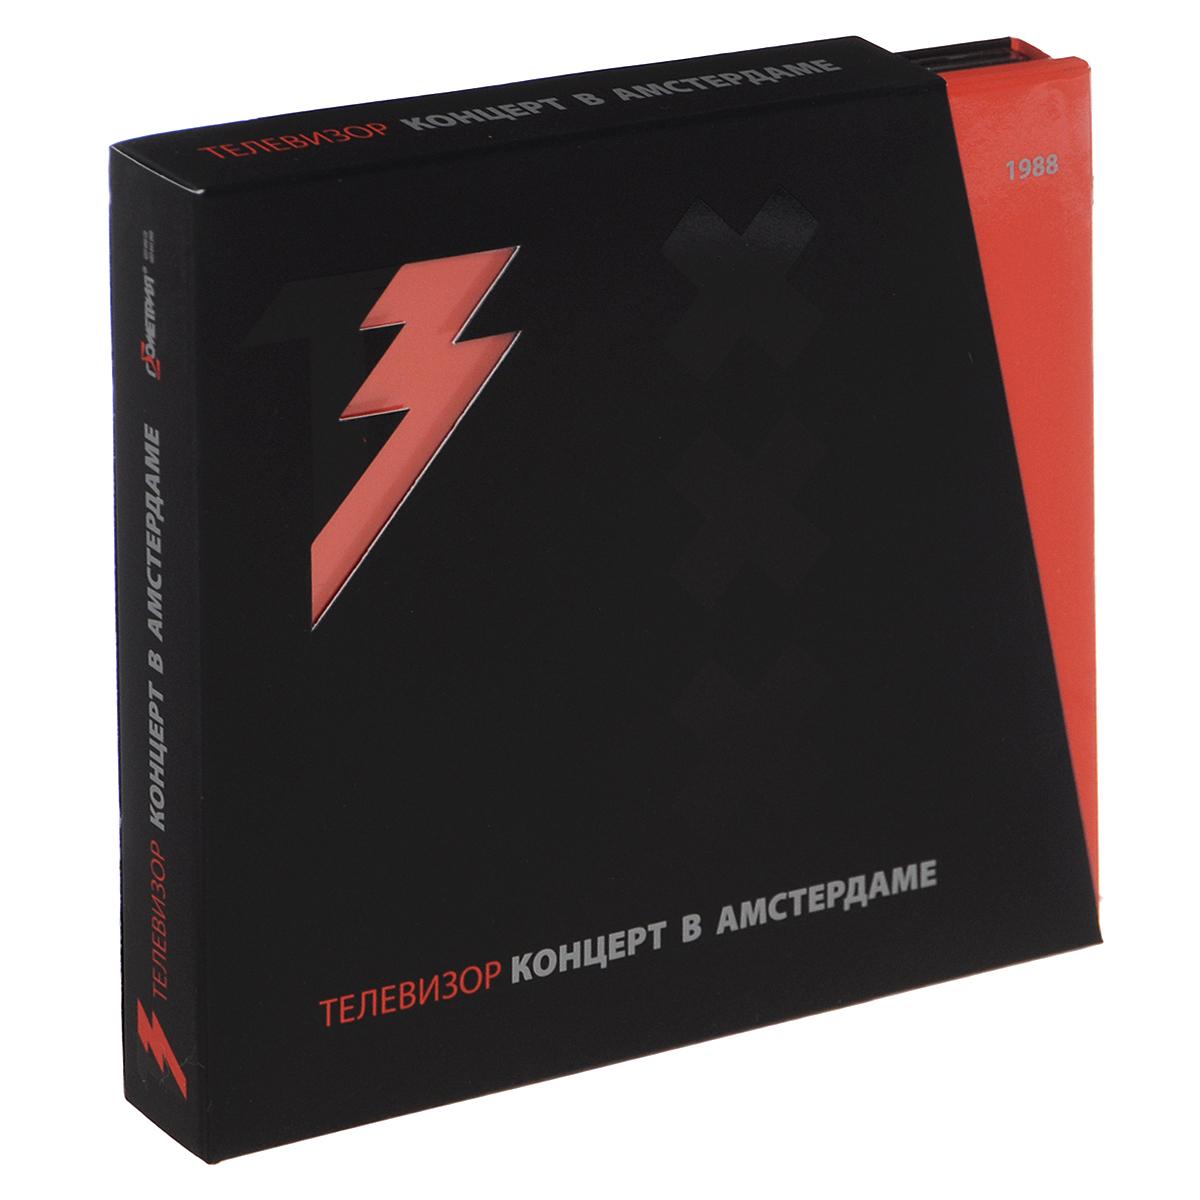 Телевизор. Концерт в Амстердаме (CD + DVD)